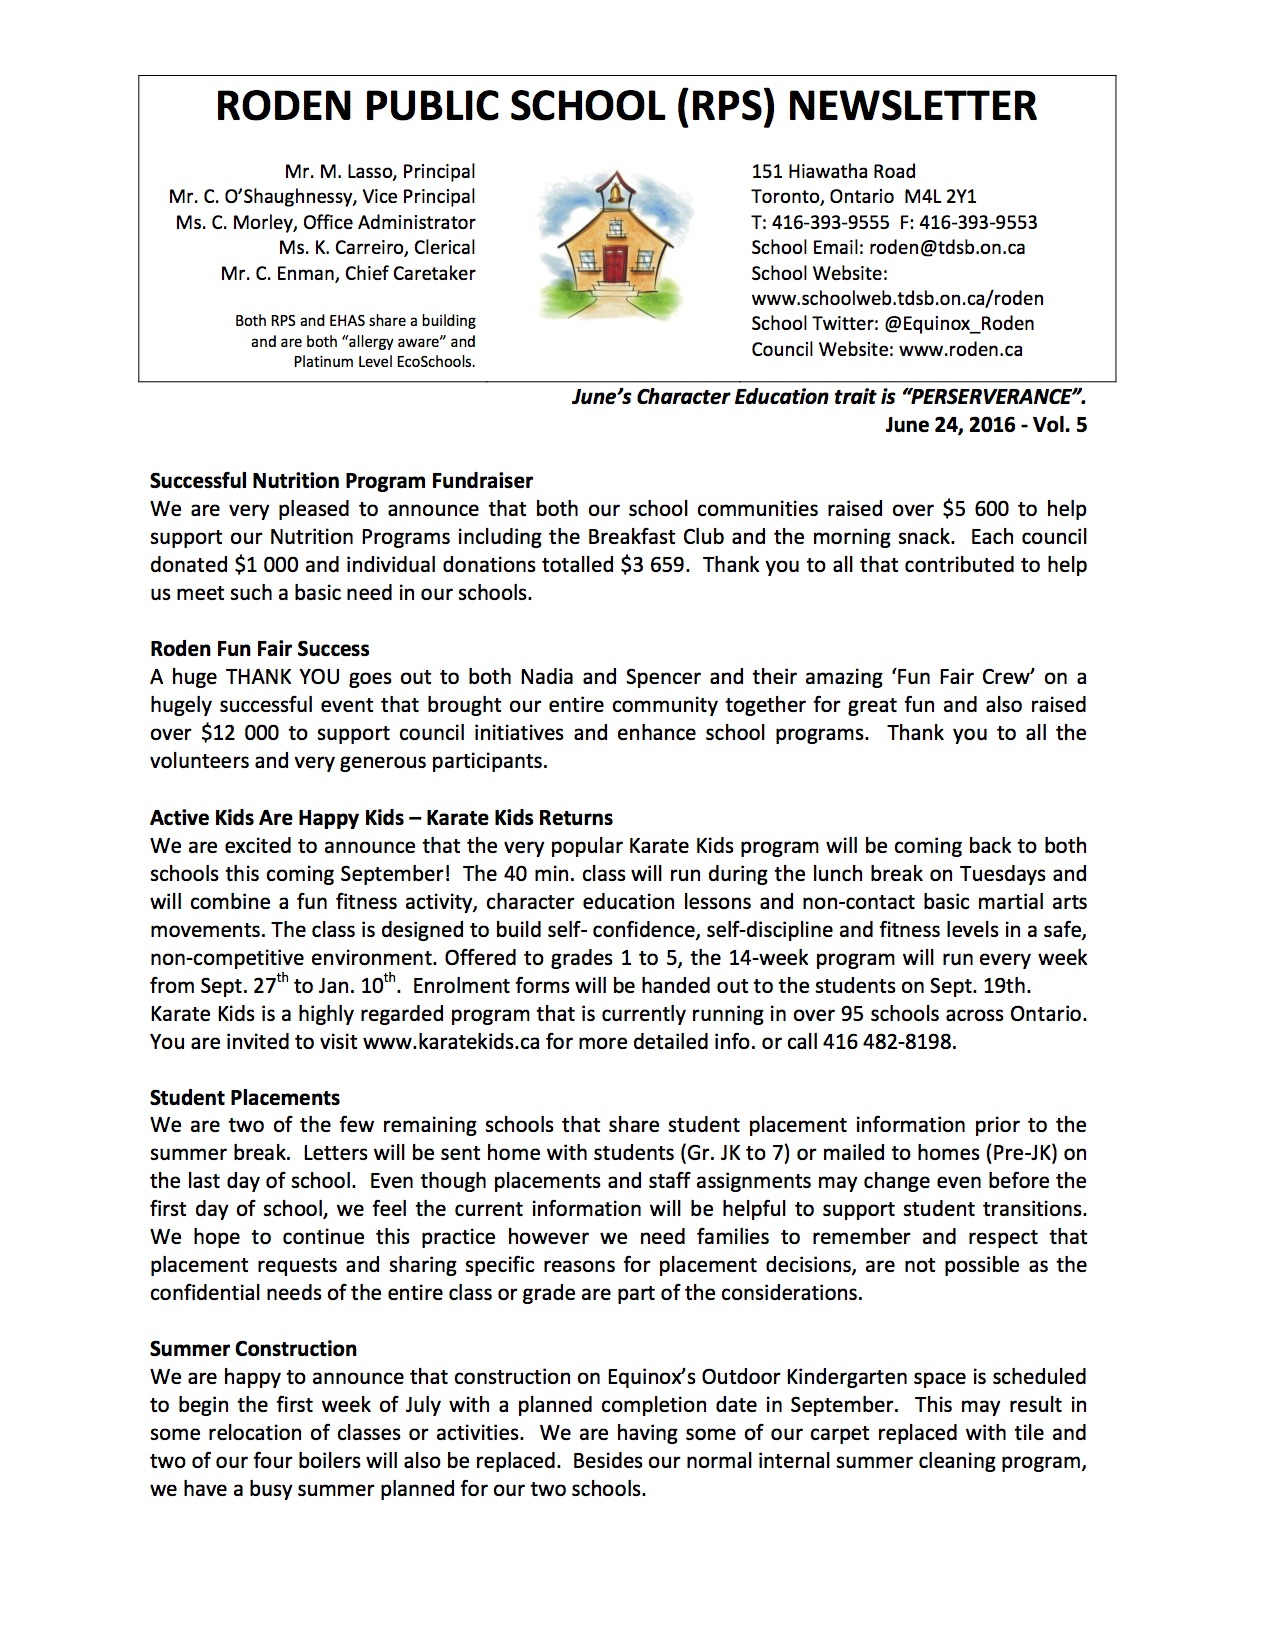 Roden Newsletter 16-06-24